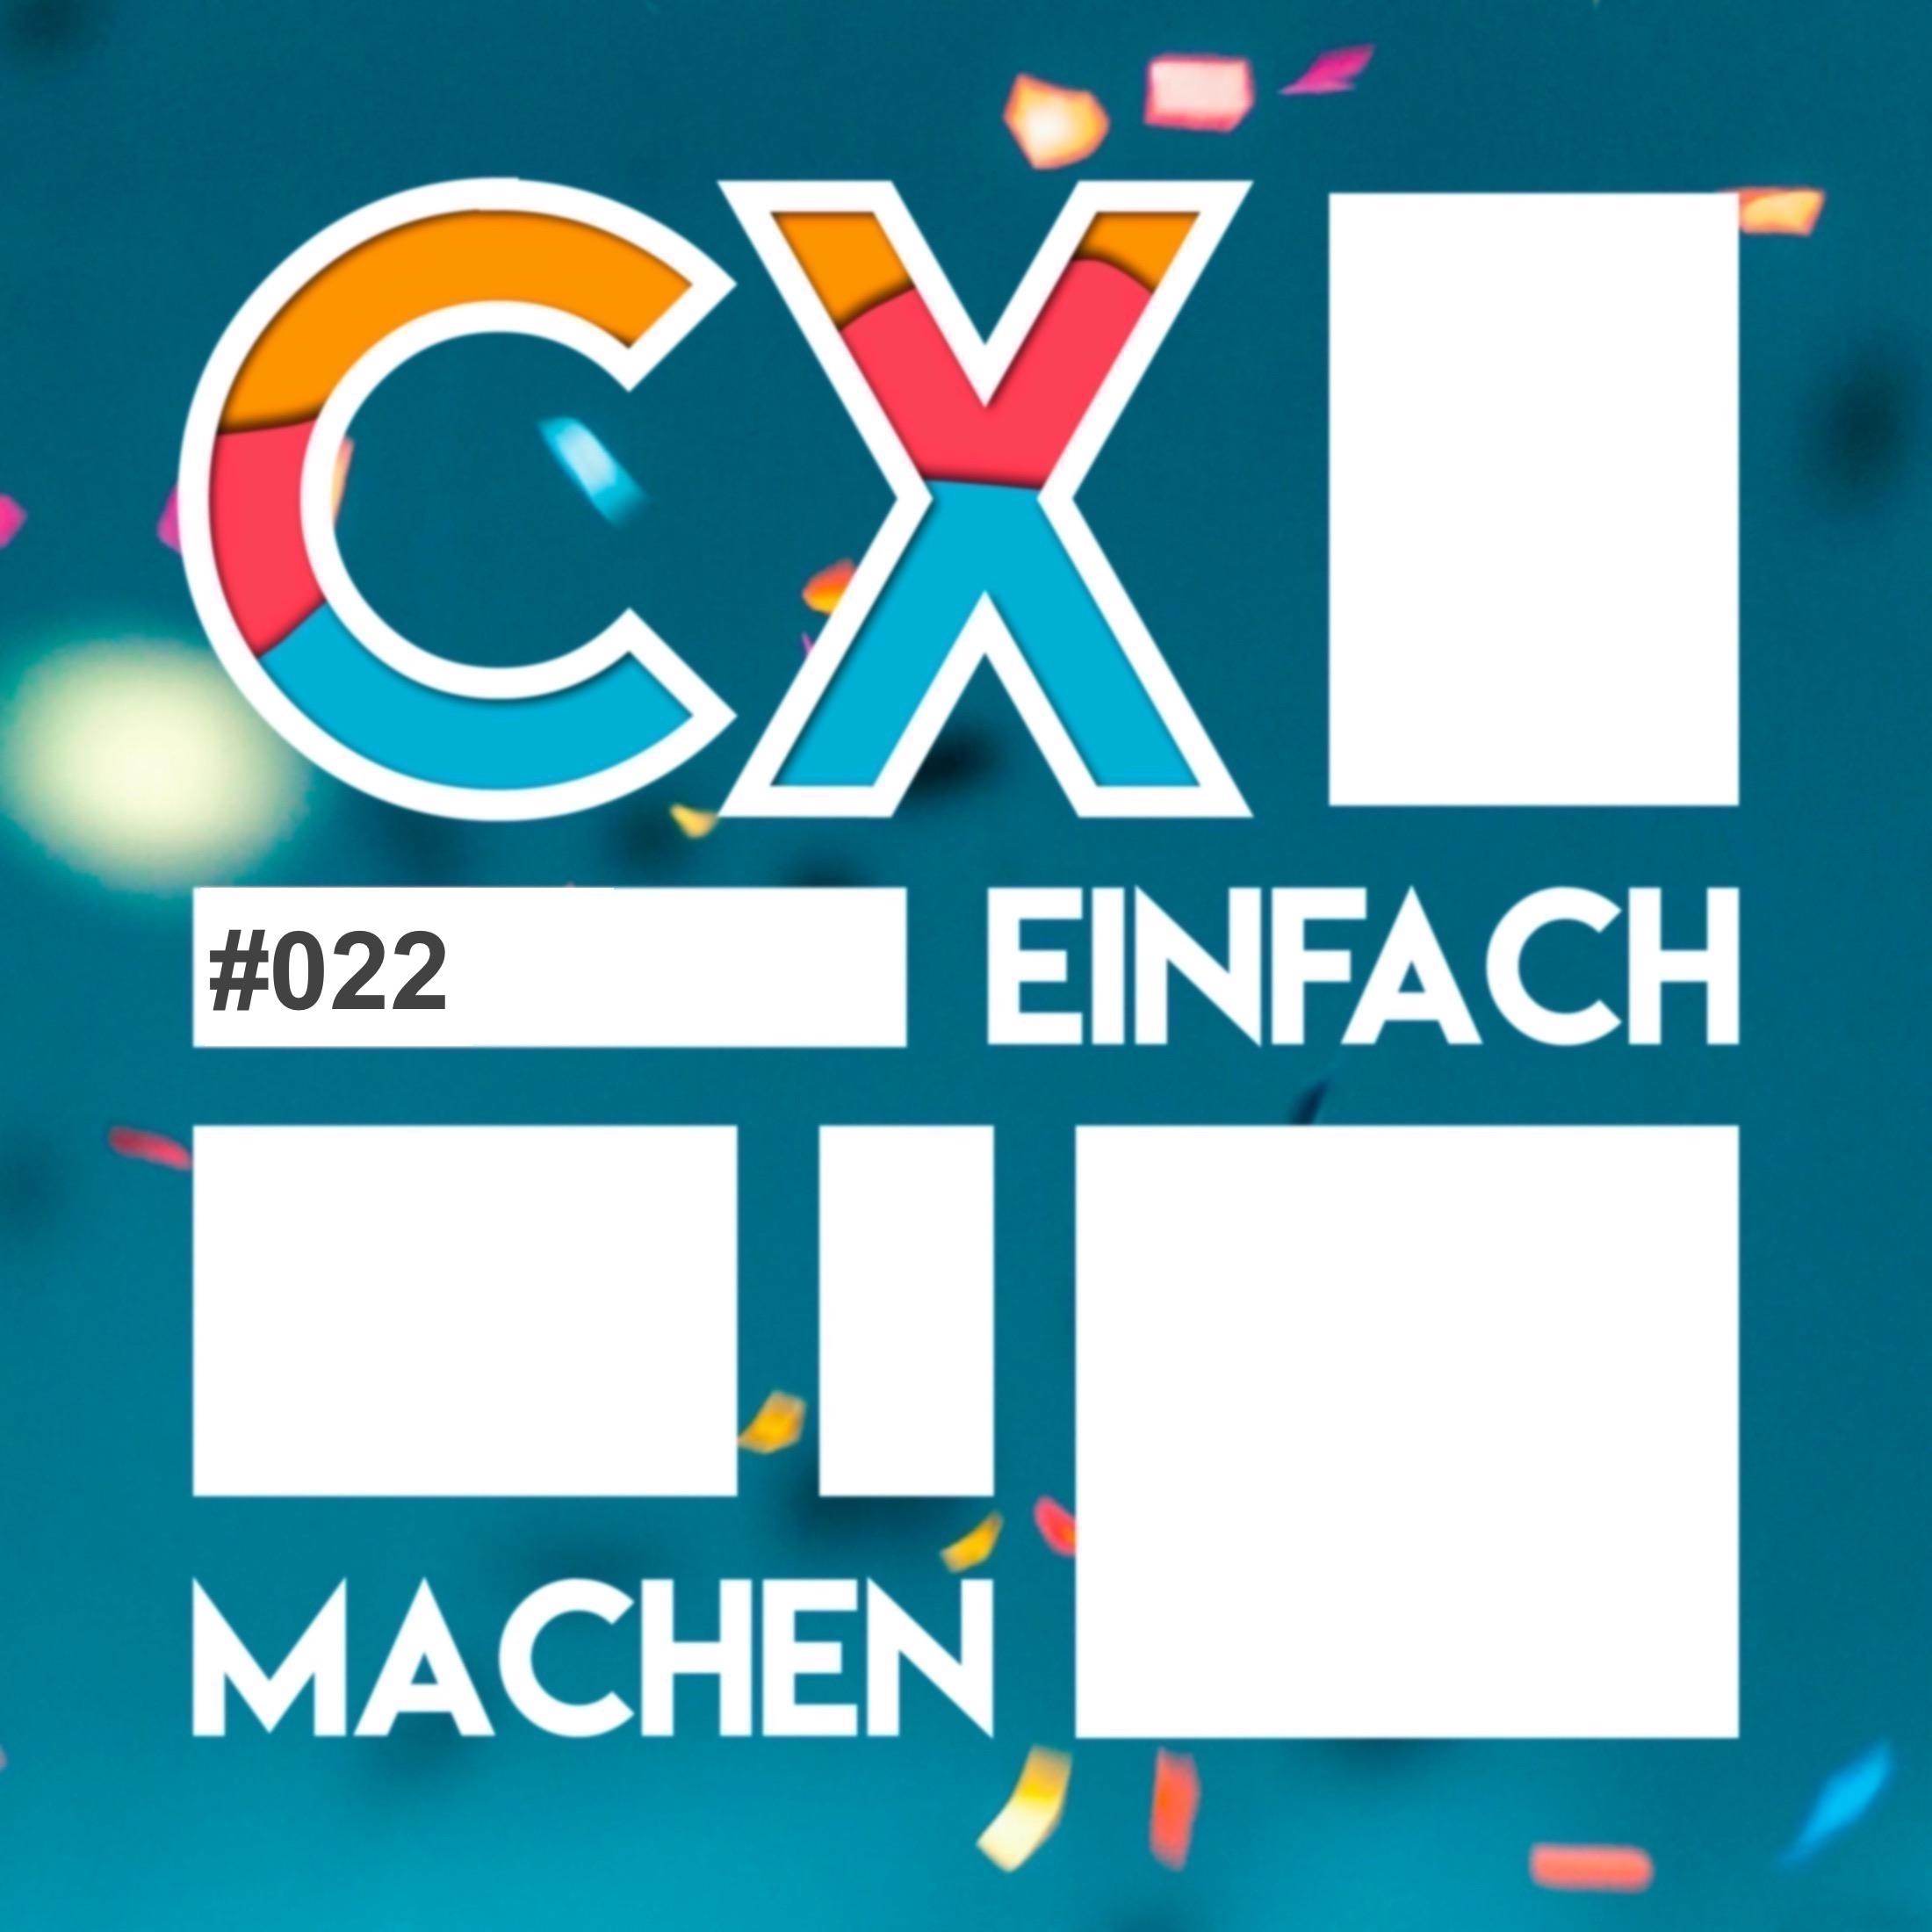 #022 – Wie baue ich eine CX Abteilung auf?